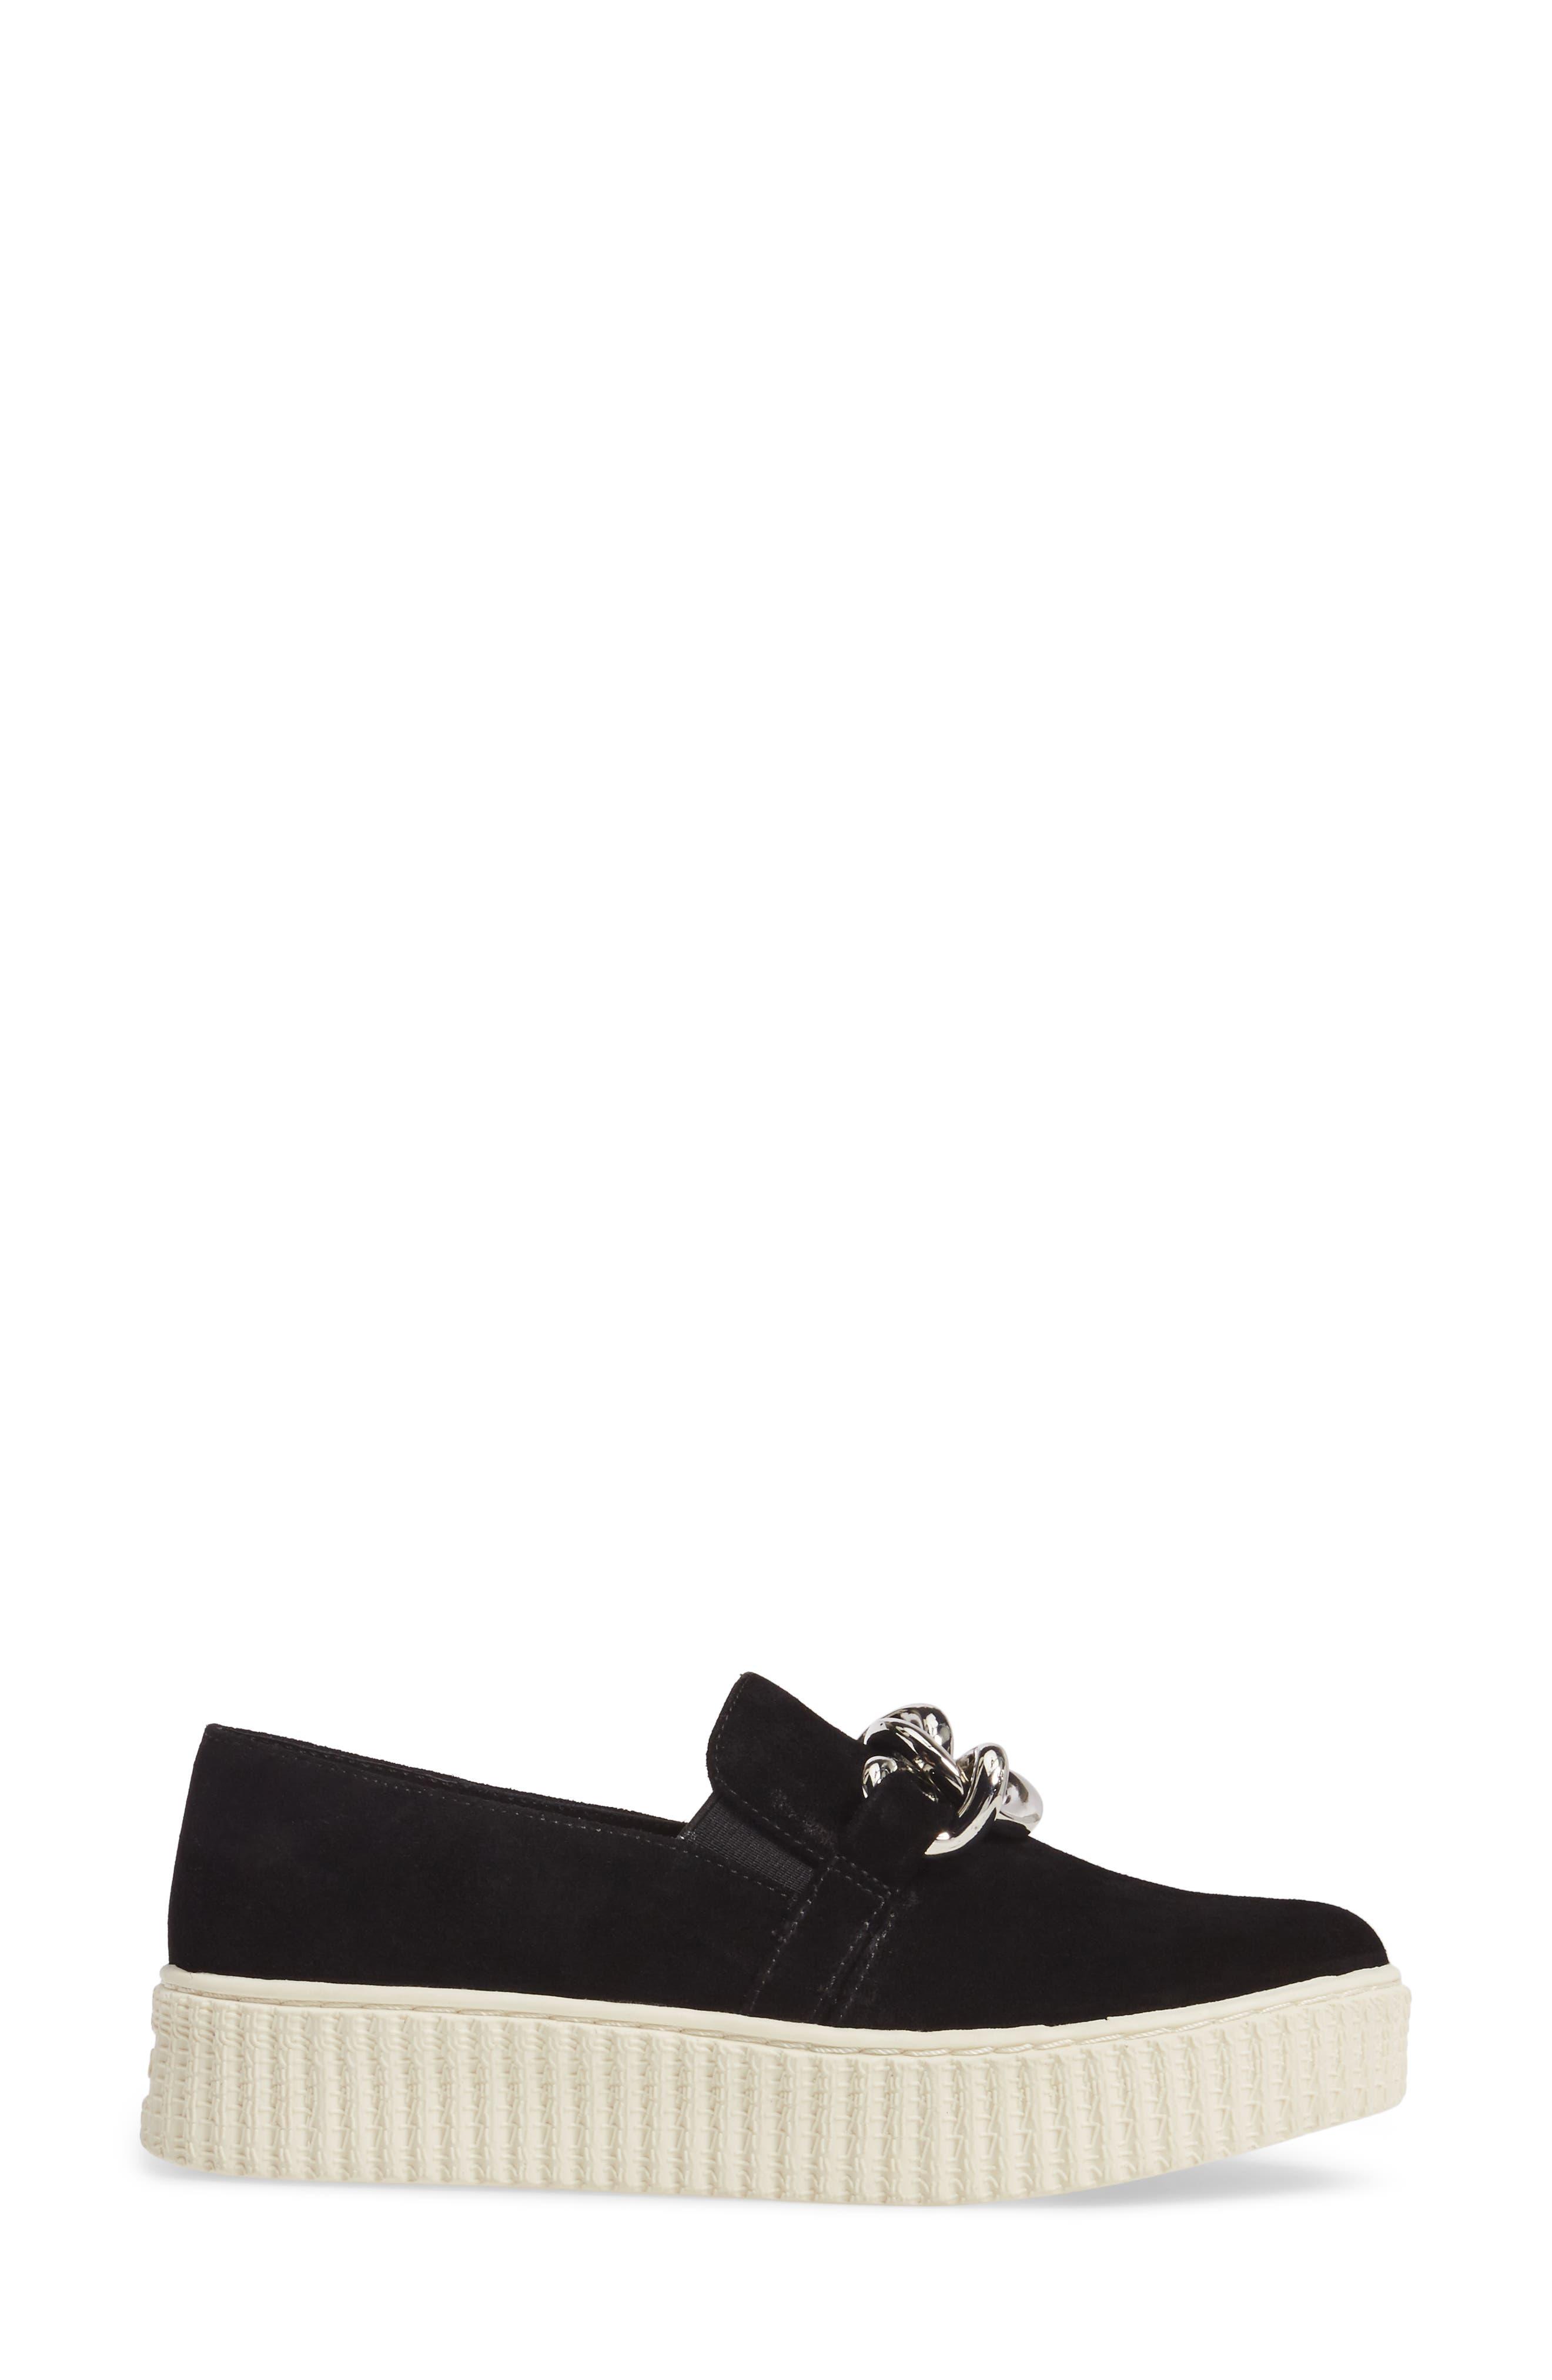 Roberta Platform Sneaker,                             Alternate thumbnail 3, color,                             013